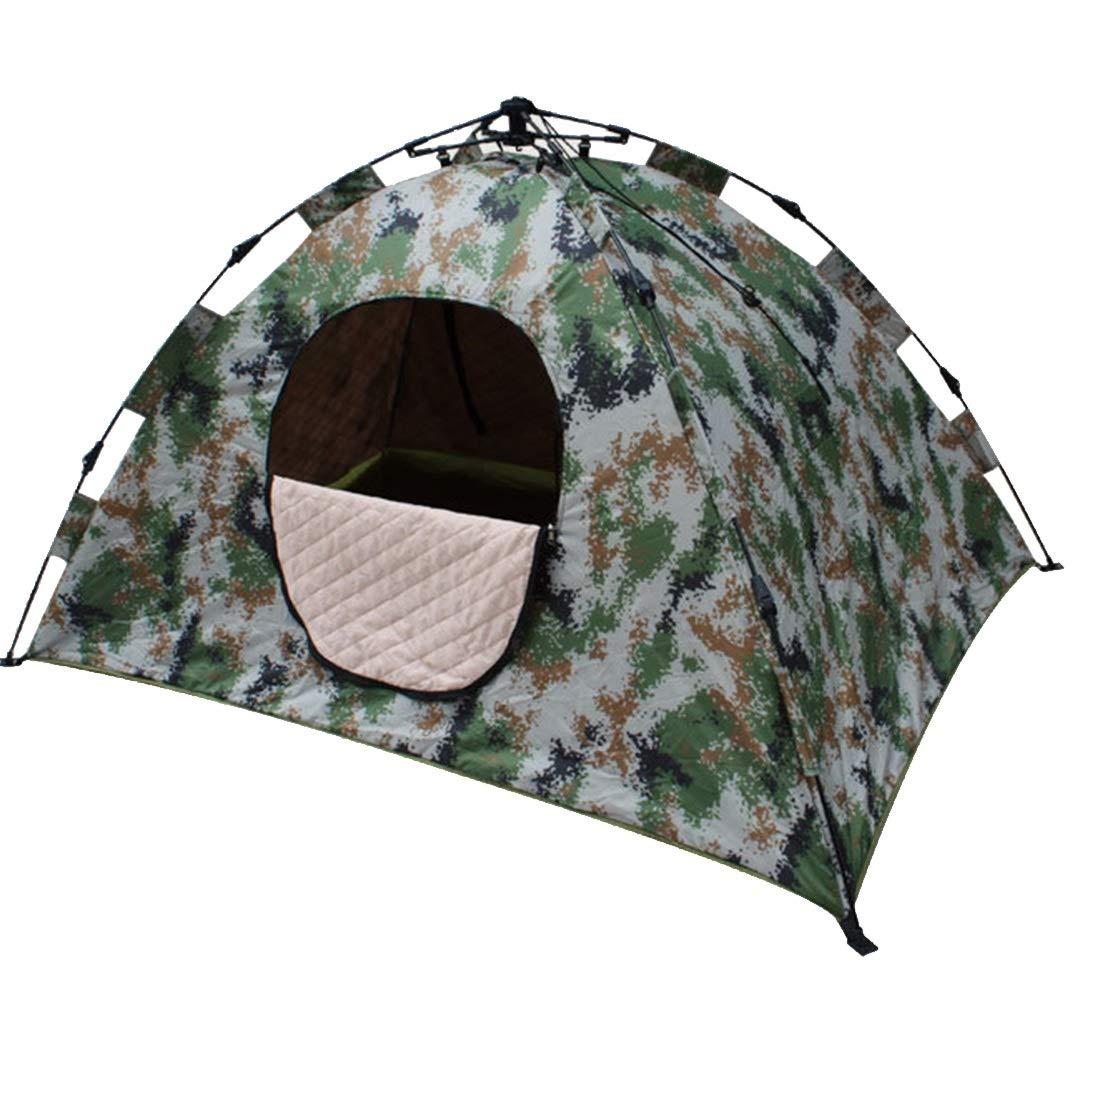 Xasclnis Automatisches Tarnungs-Zelt, 2 Perosn für Das Kampieren im Freien (Farbe : Camouflage)